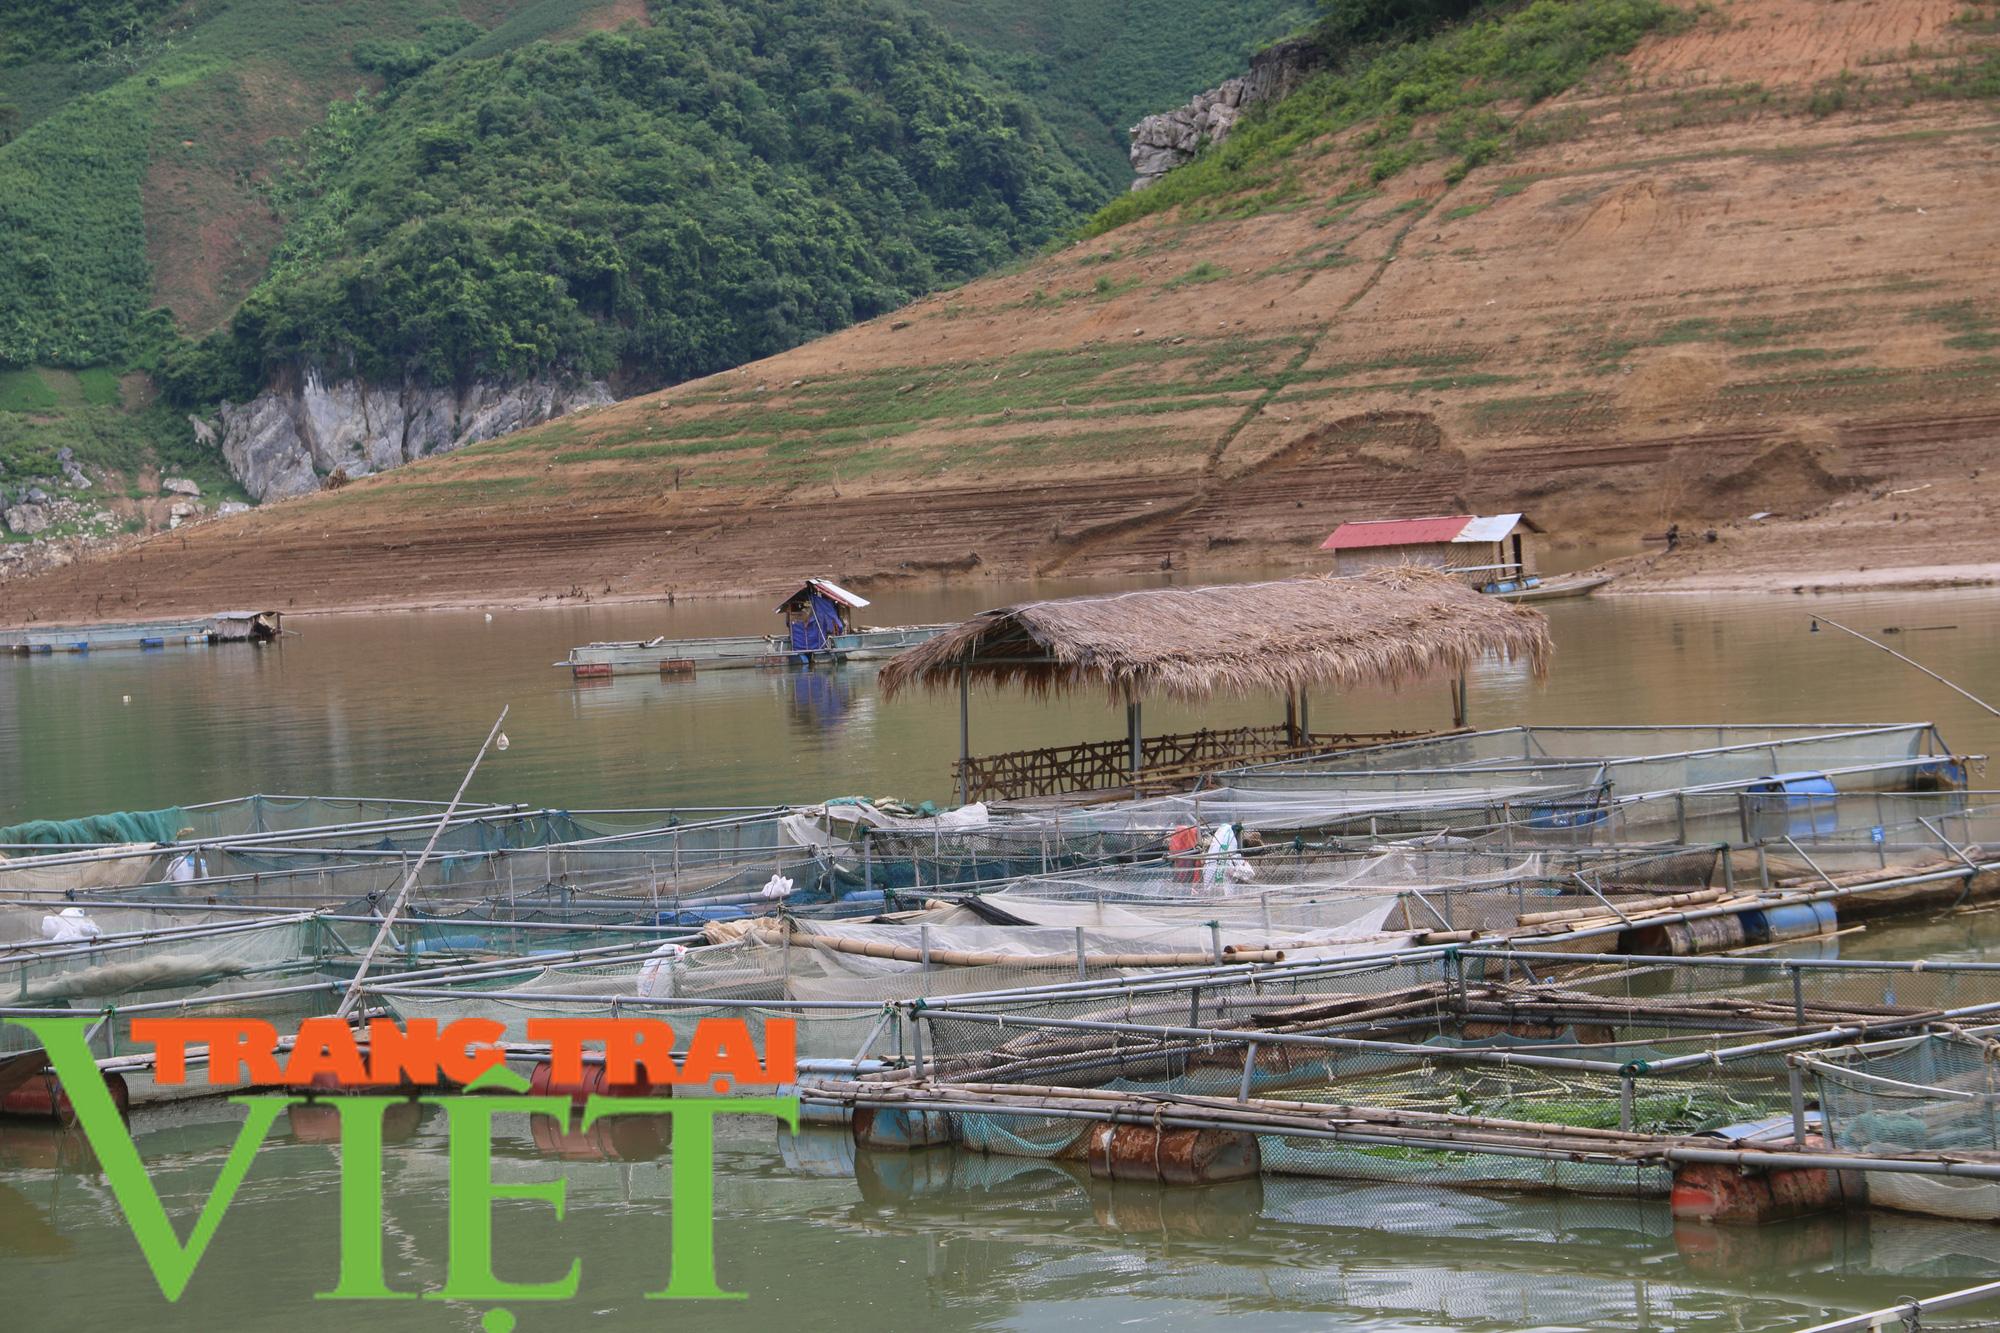 Nông dân vùng lòng hồ sông Đà khấm khá nhờ nuôi cá lồng - Ảnh 4.